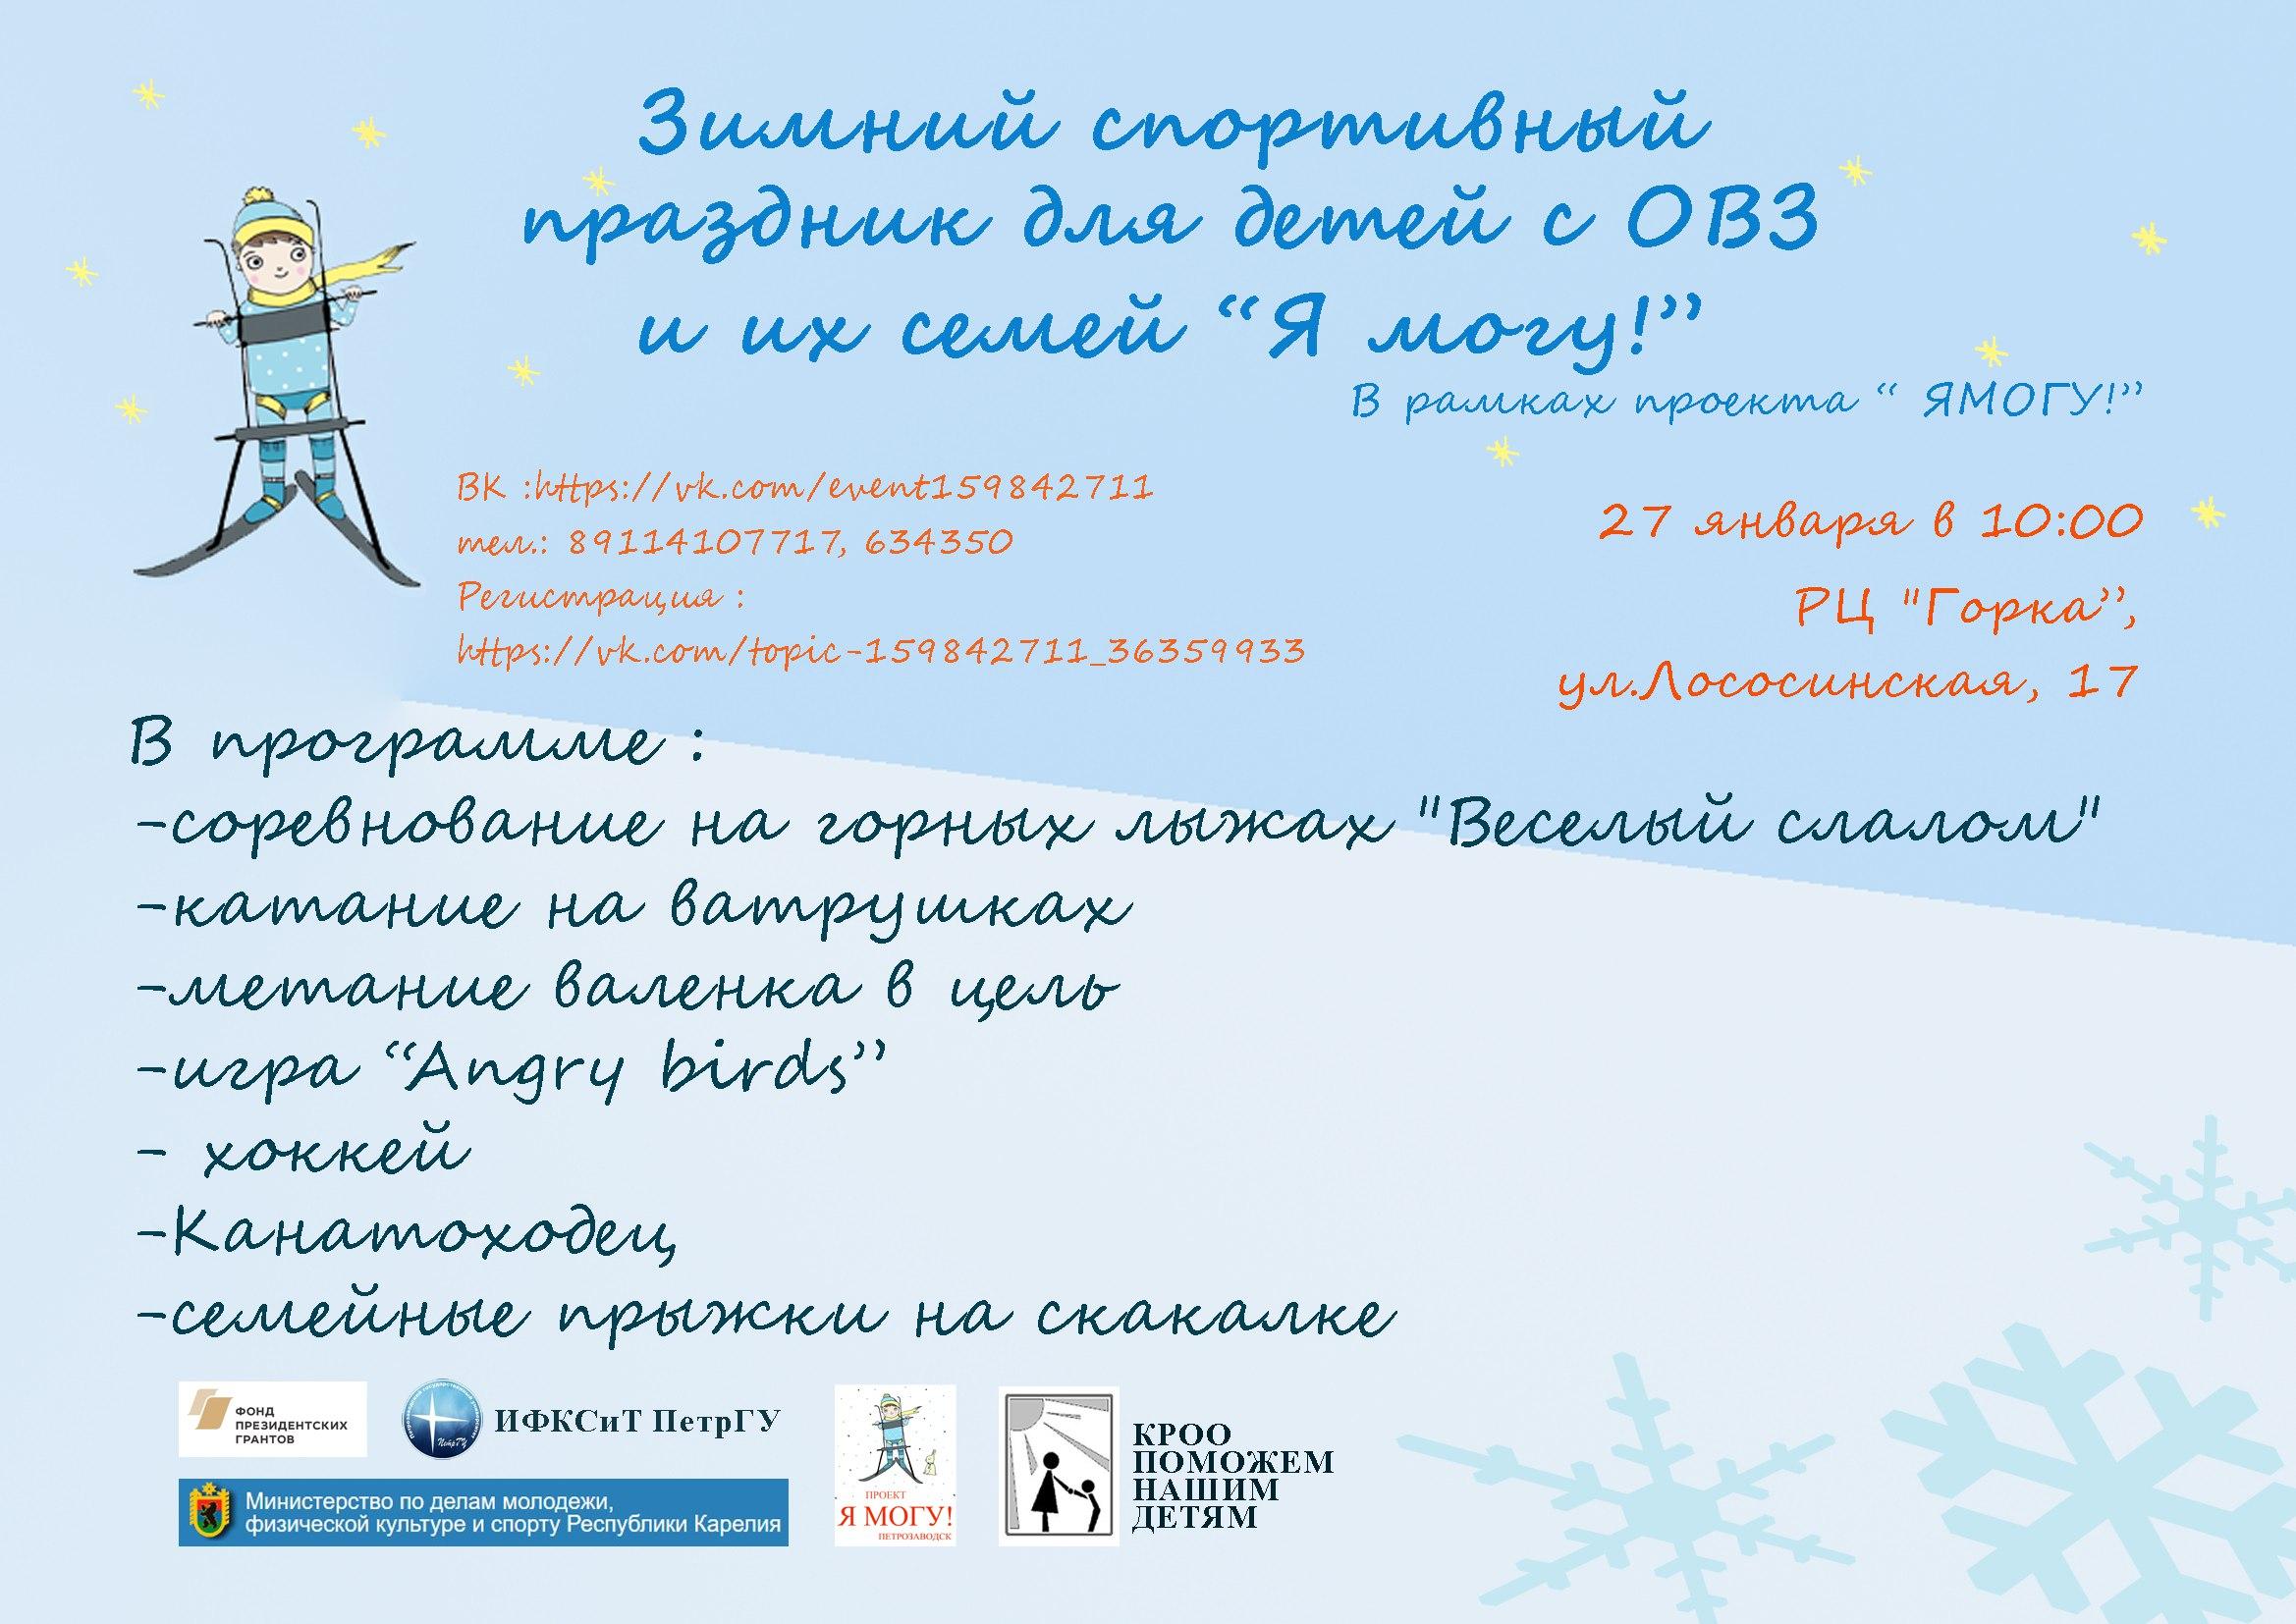 Спортивный праздник для детей-инвалидов пройдет в Петрозаводске